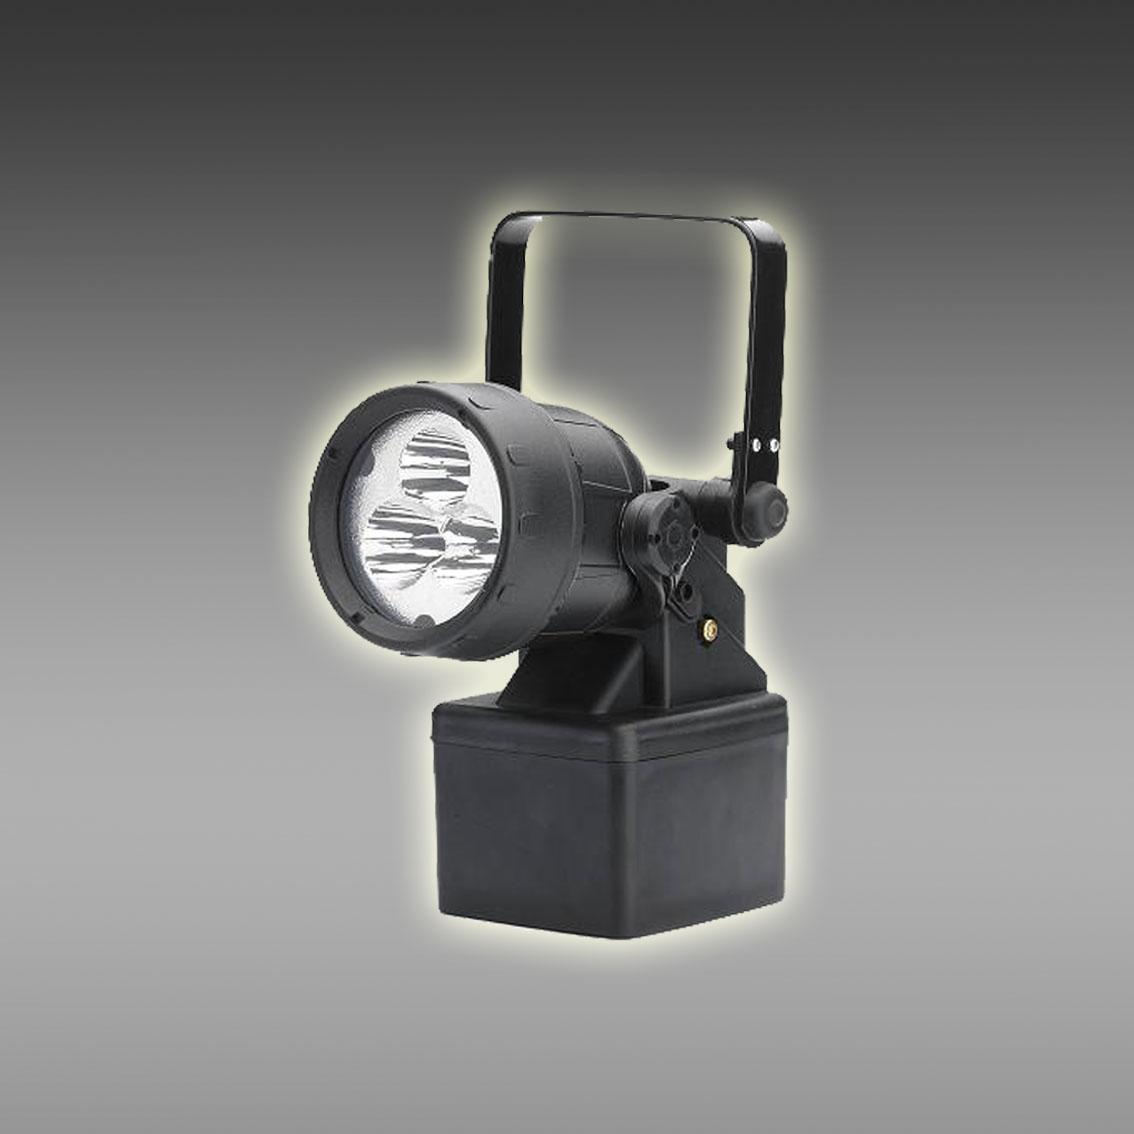 轻便式多功能强光灯 YBW3550